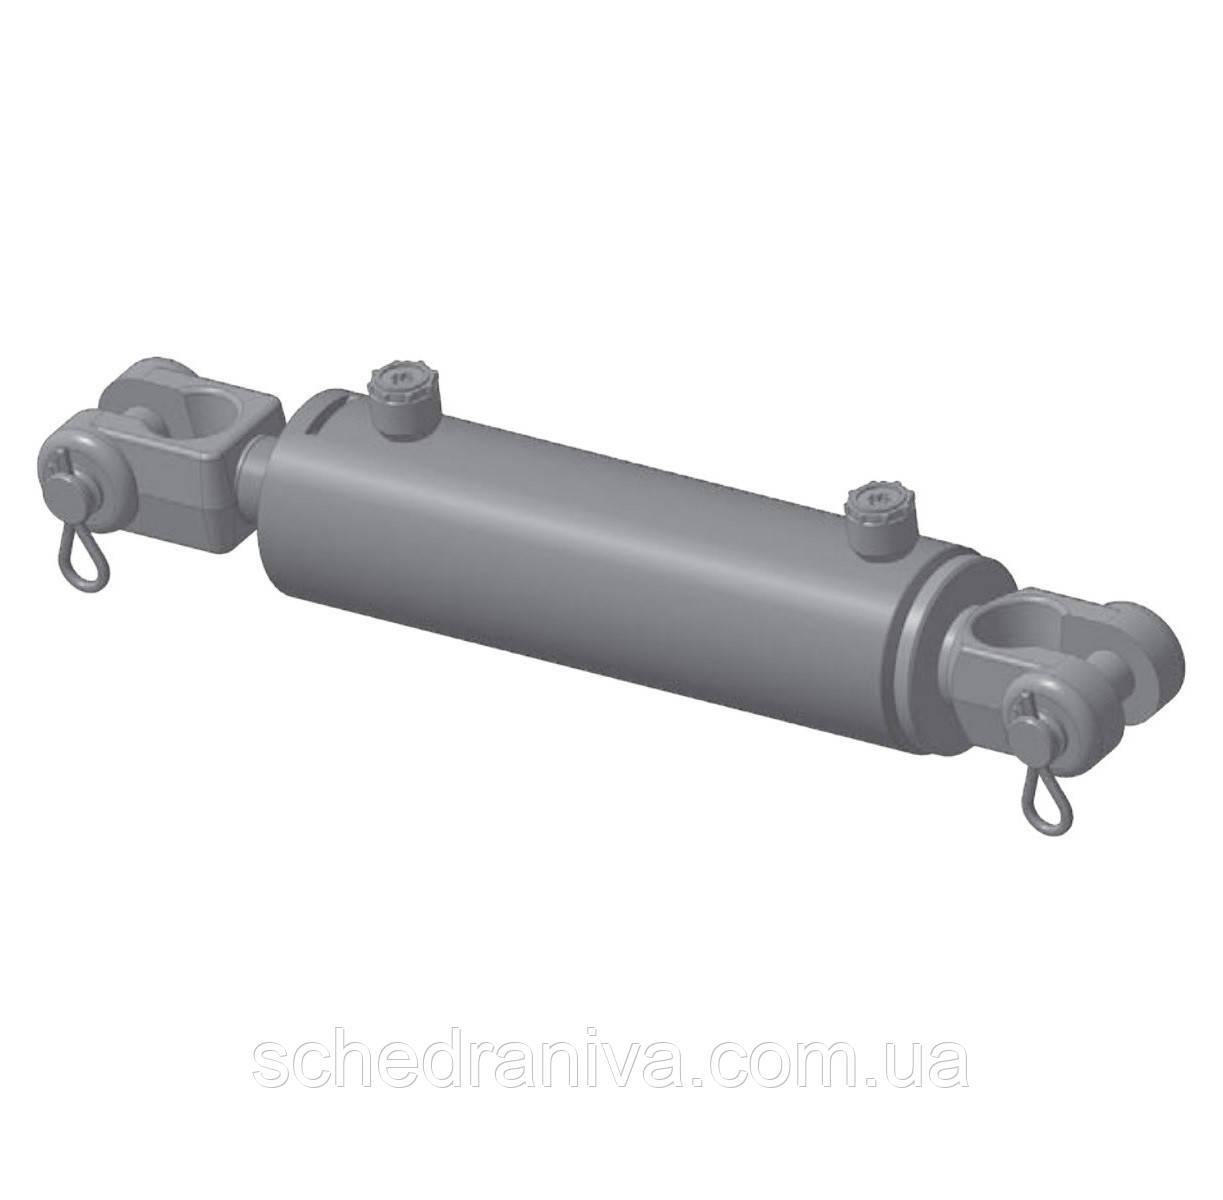 Гідроциліндр МС 80/40х200-4.44 (515)